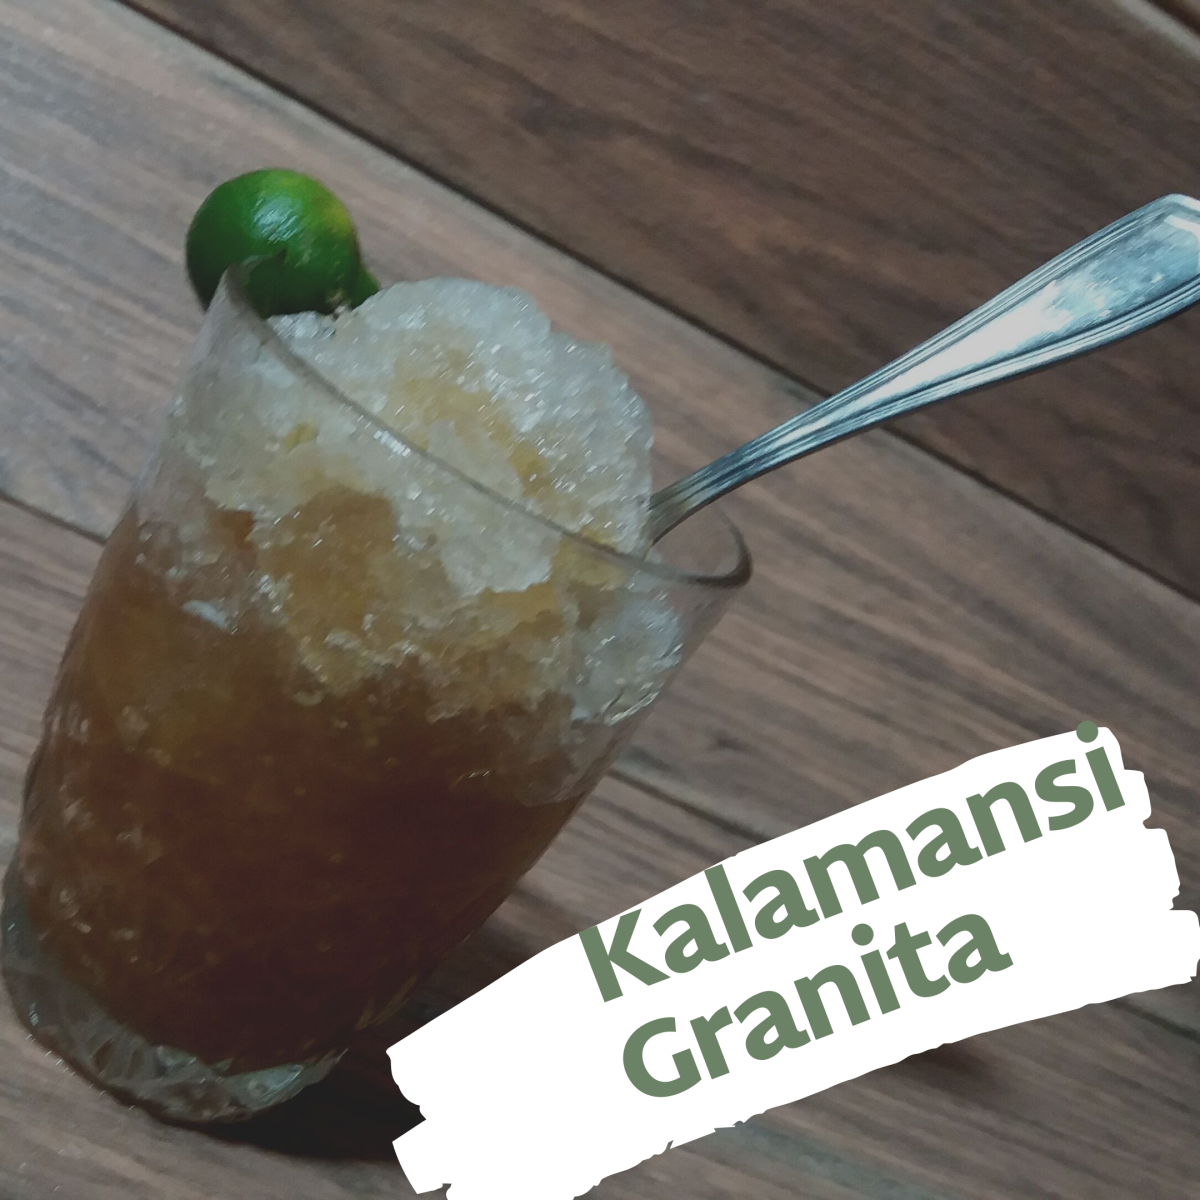 How to Make Kalamansi Granita: A Sicilian-Inspired Frozen Dessert